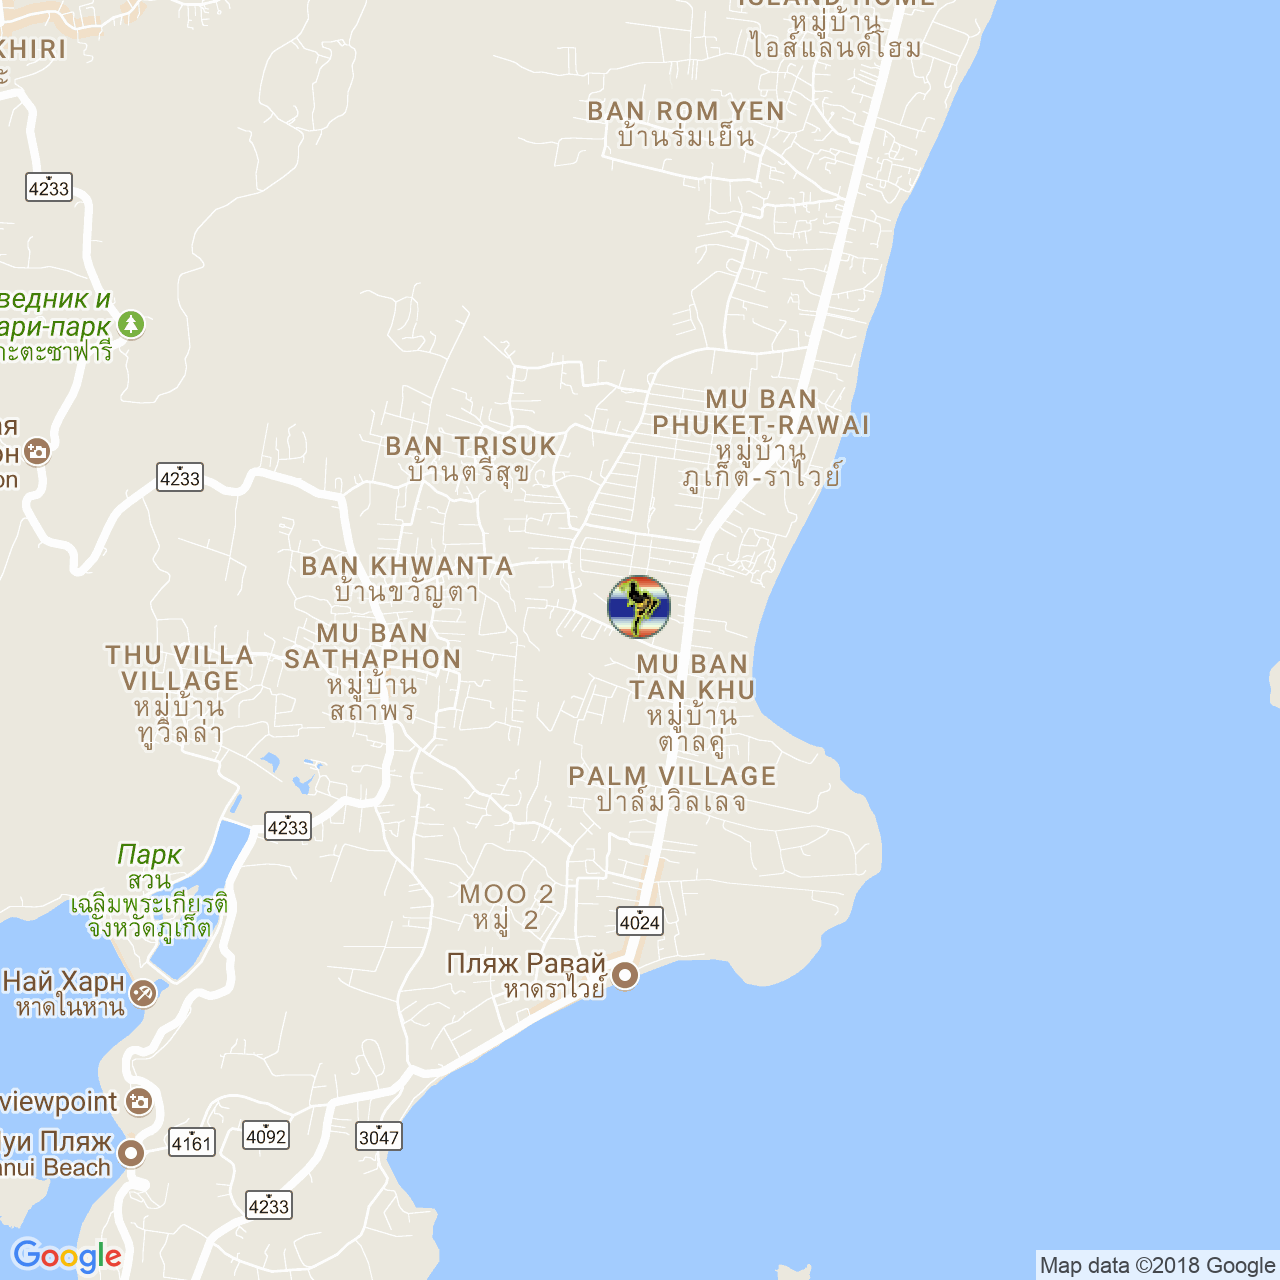 Тренировочный лагерь Kingka Supa Muay Thai на карте Пхукета